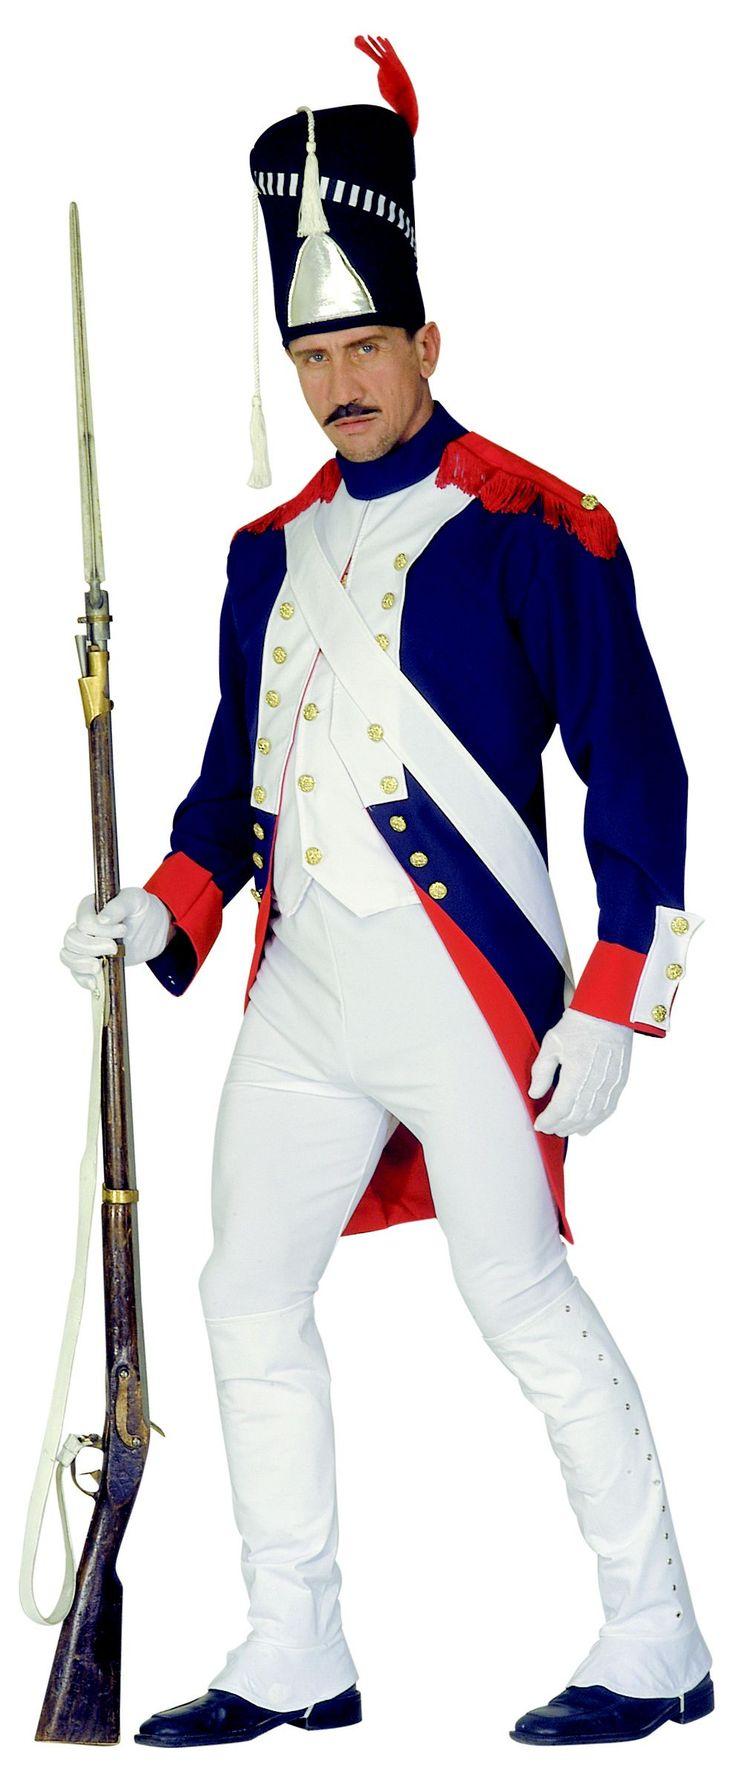 Garde Offizier Kostüm Soldatenkostüm blau-weiß-rot , günstige Faschings  Kostüme bei Karneval Megastore, der größte Karneval und Faschings Kostüm- und Partyartikel Online Shop Europas!